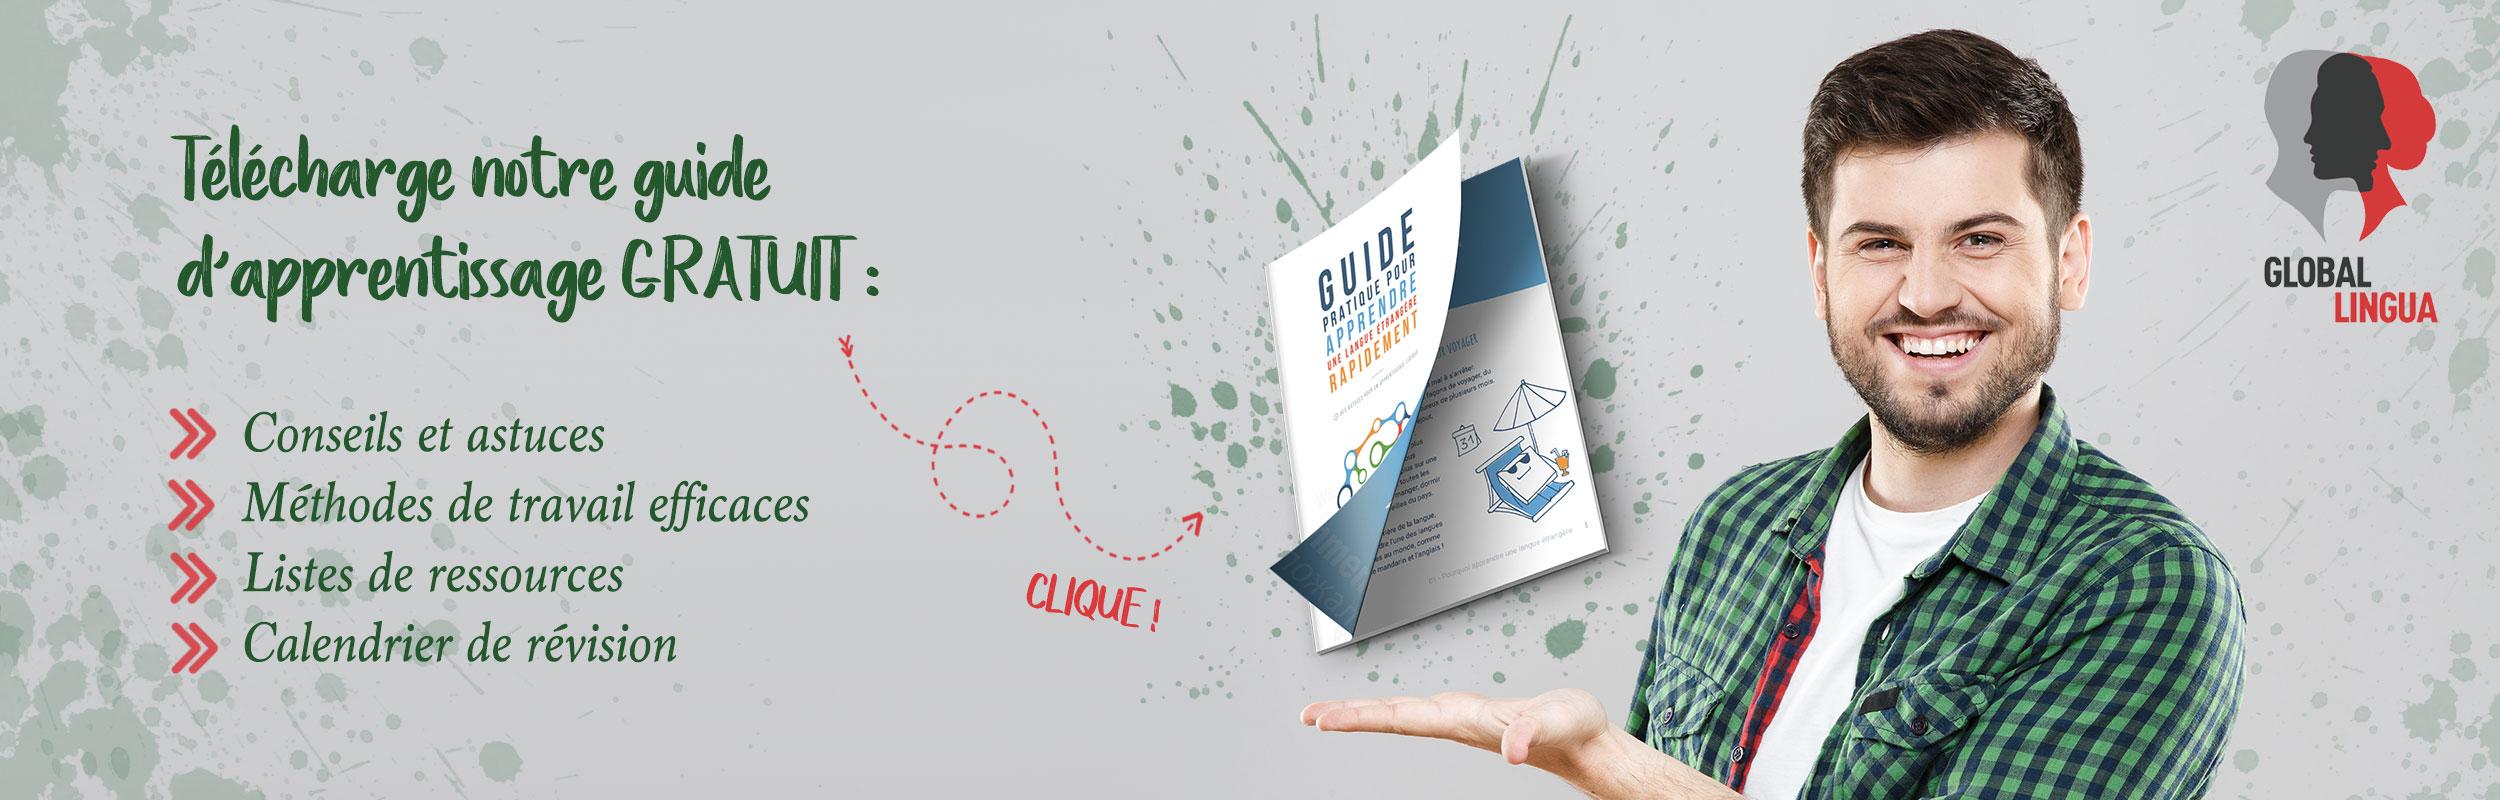 Téléchargez notre guide gratuit sur Global Lingua